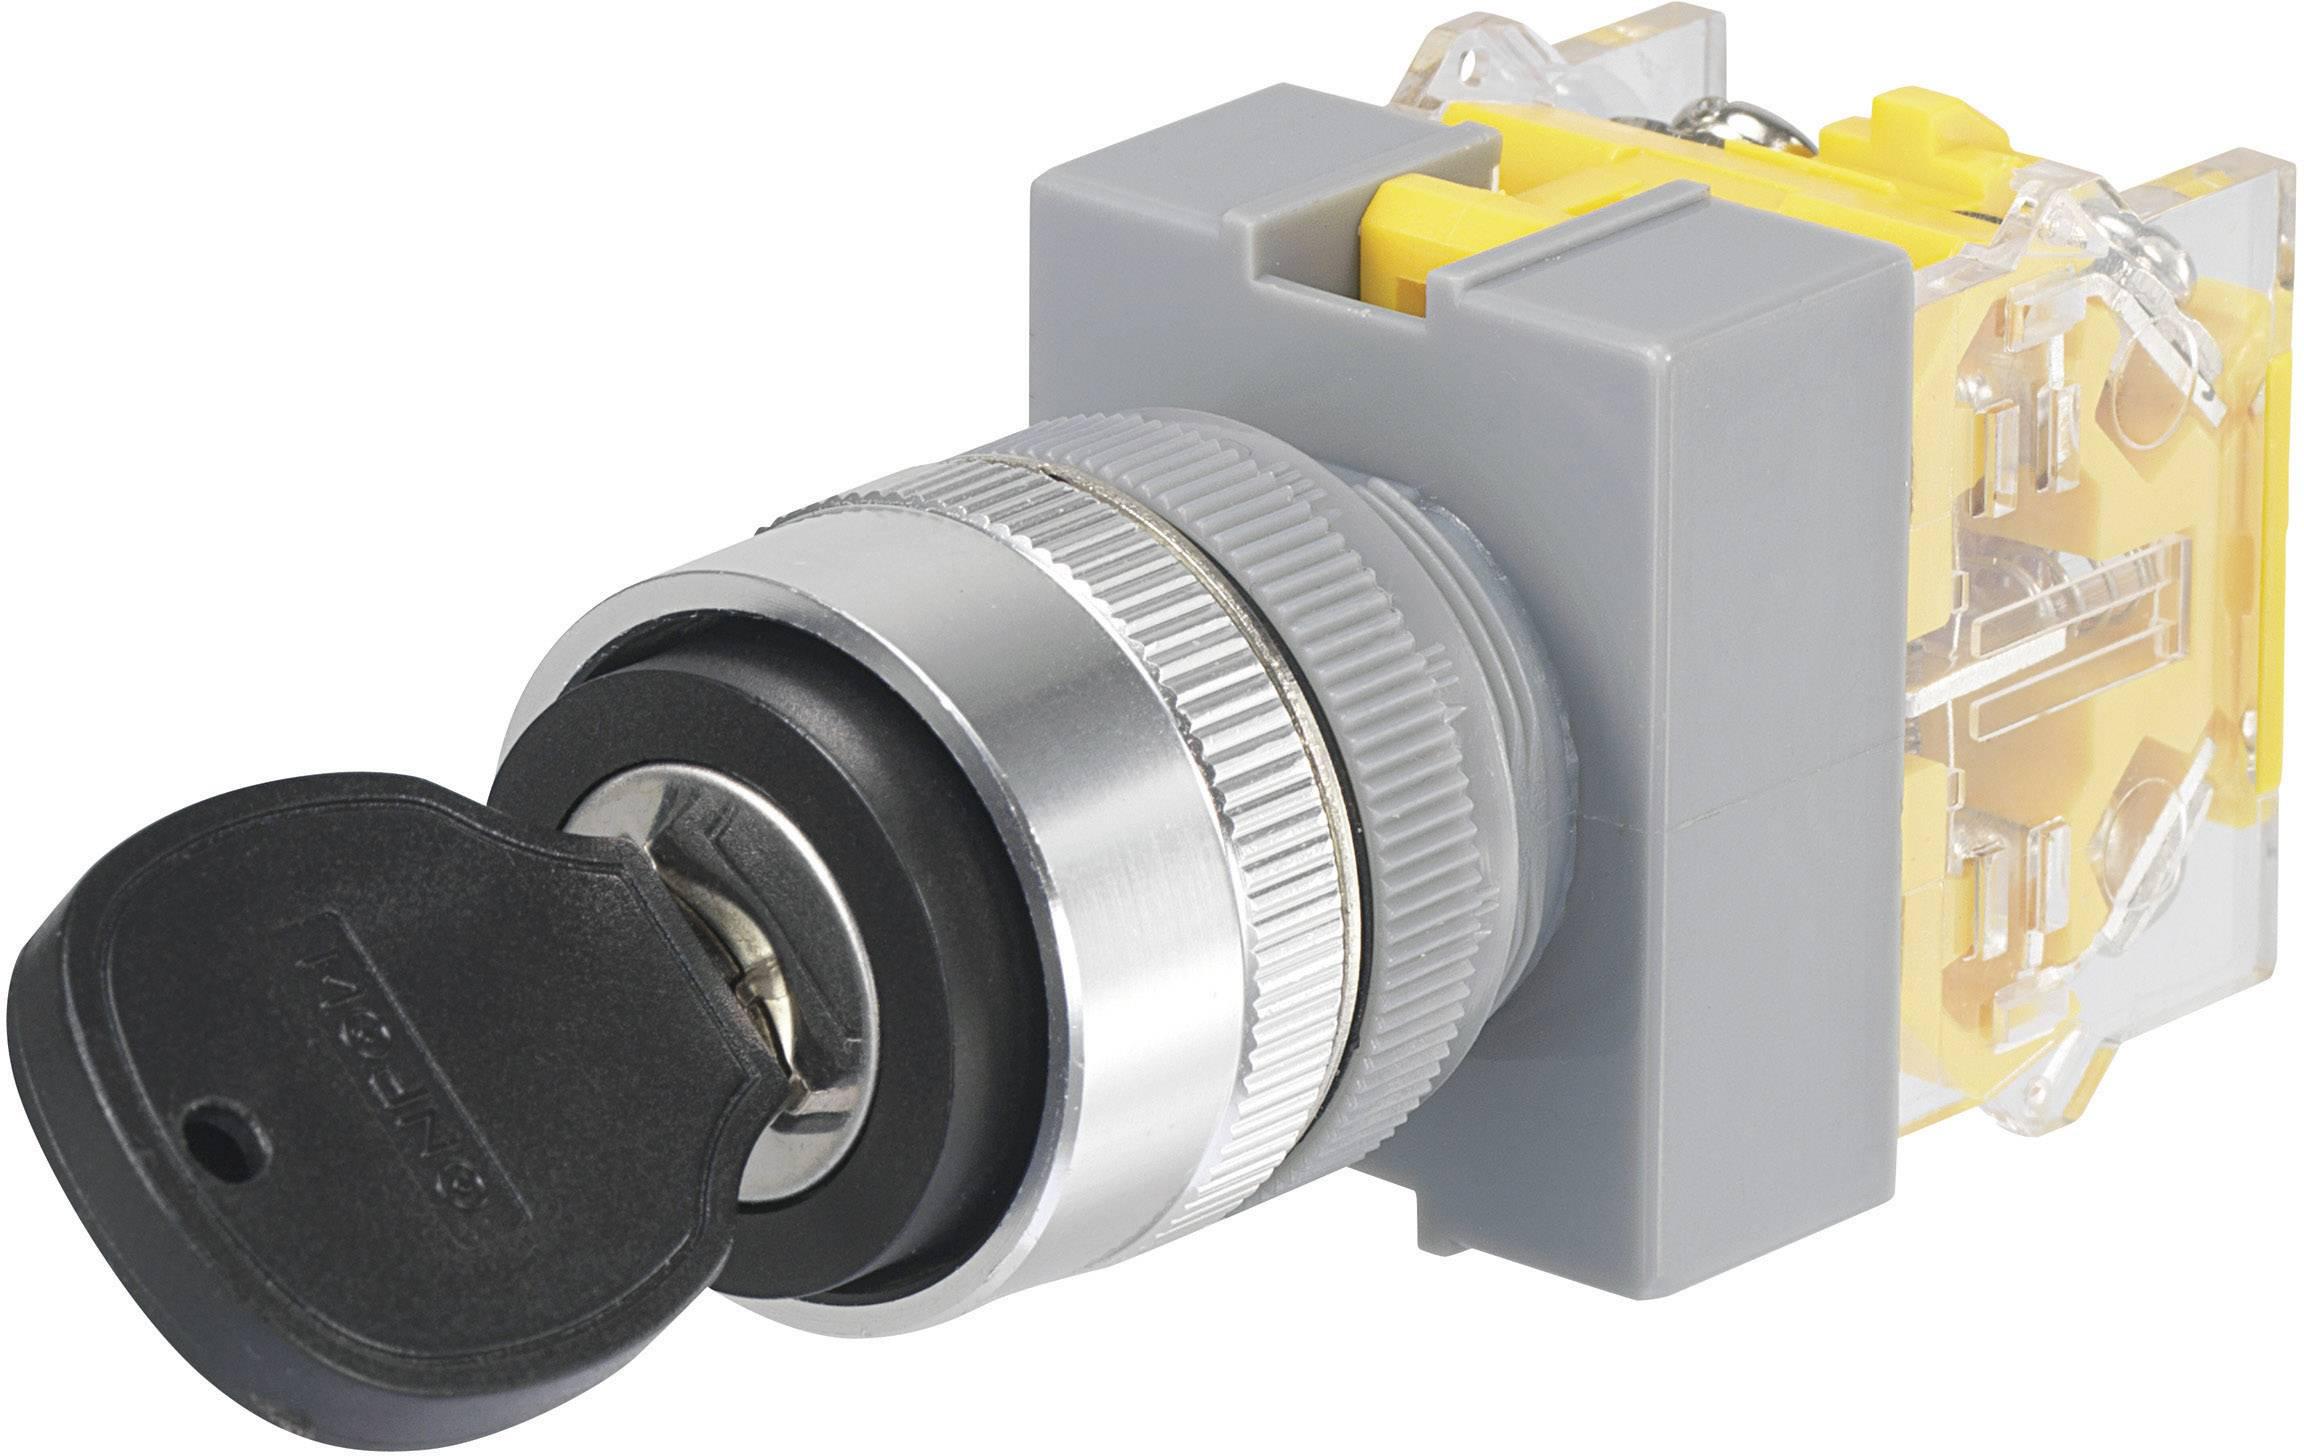 Kľúčový spínač TRU COMPONENTS Y090-A-11Y/23 704495, 250 V/AC, 5 A, 1x vyp/(zap), 1 x 90 °, IP40, 1 ks